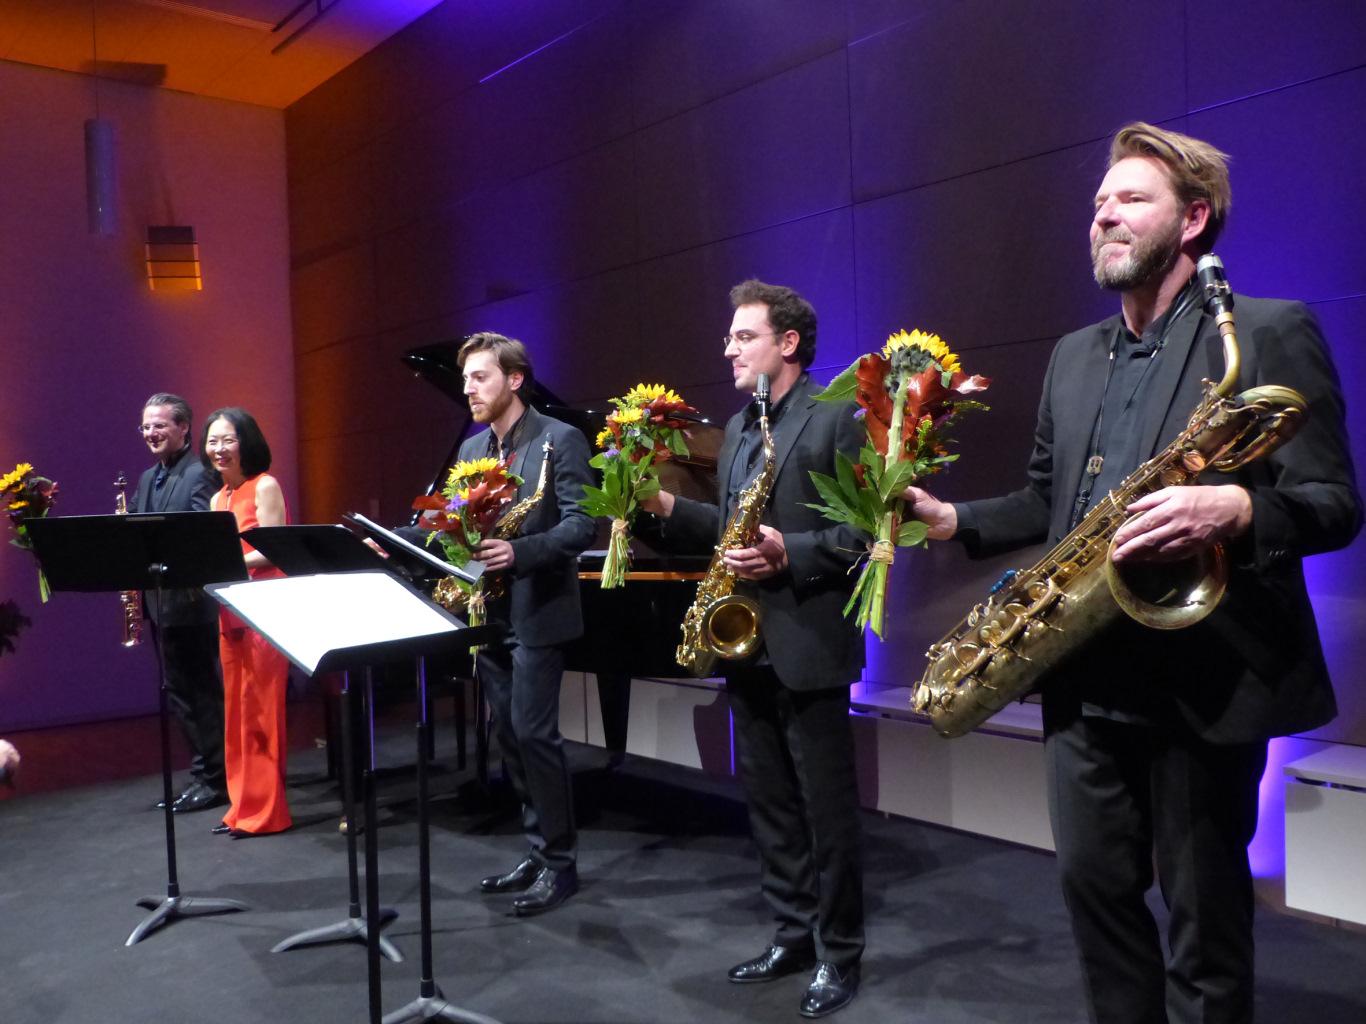 Alliage Quintett in einer einzigartigen Besetzung aus vier Saxophonen und einem Klavier auf den Schlosskonzerten Königs Wusterhausen. Foto: Norbert Vogel